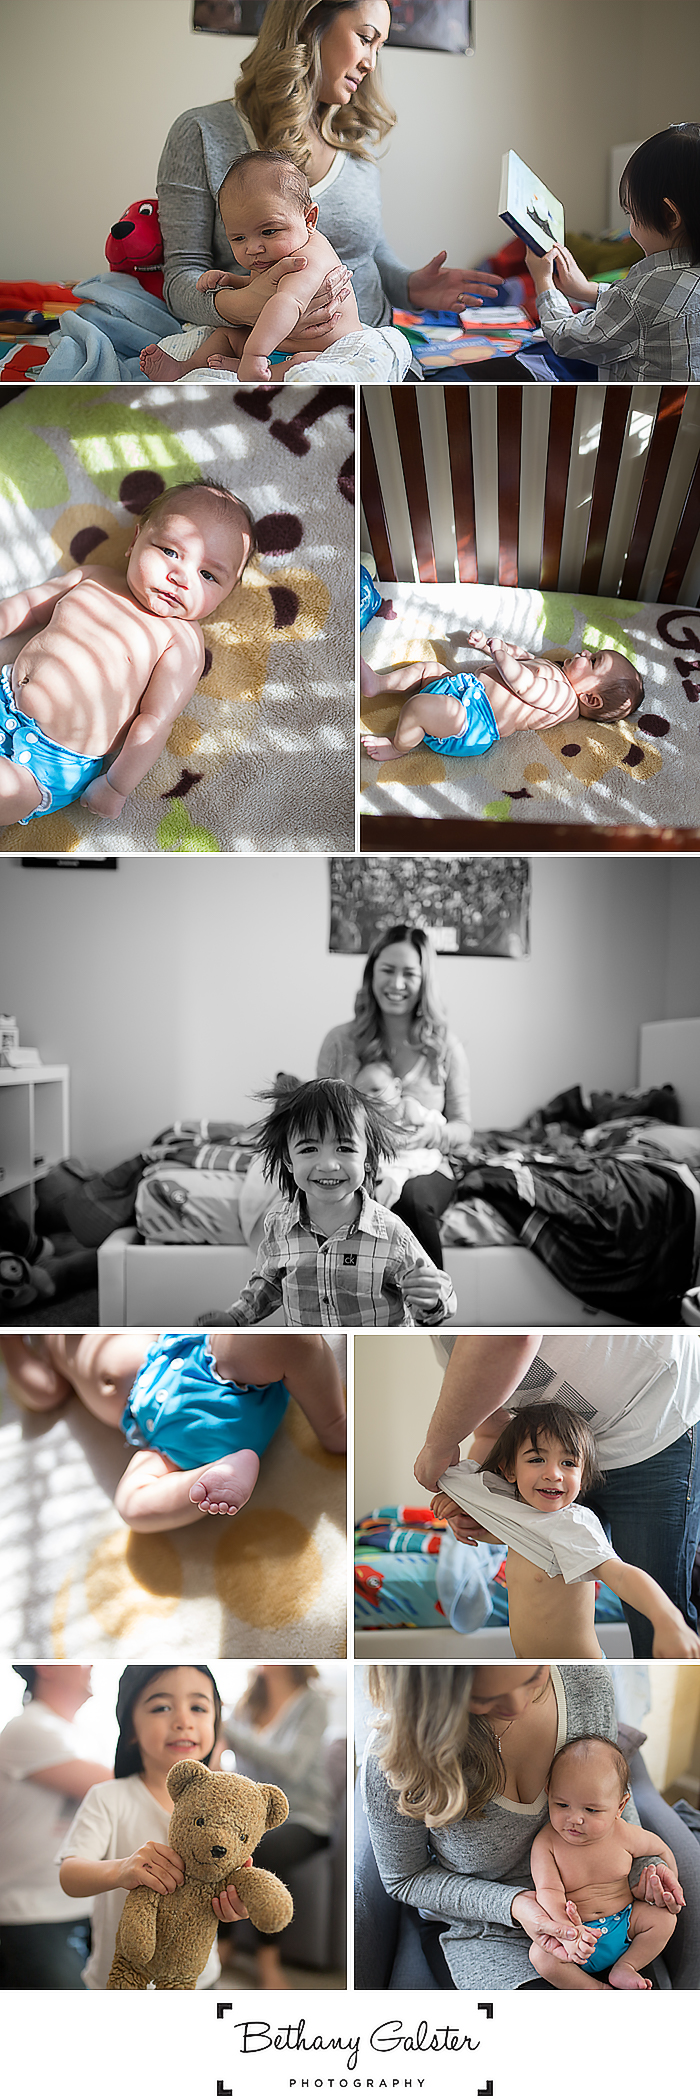 Keay Calgary Family Photographer